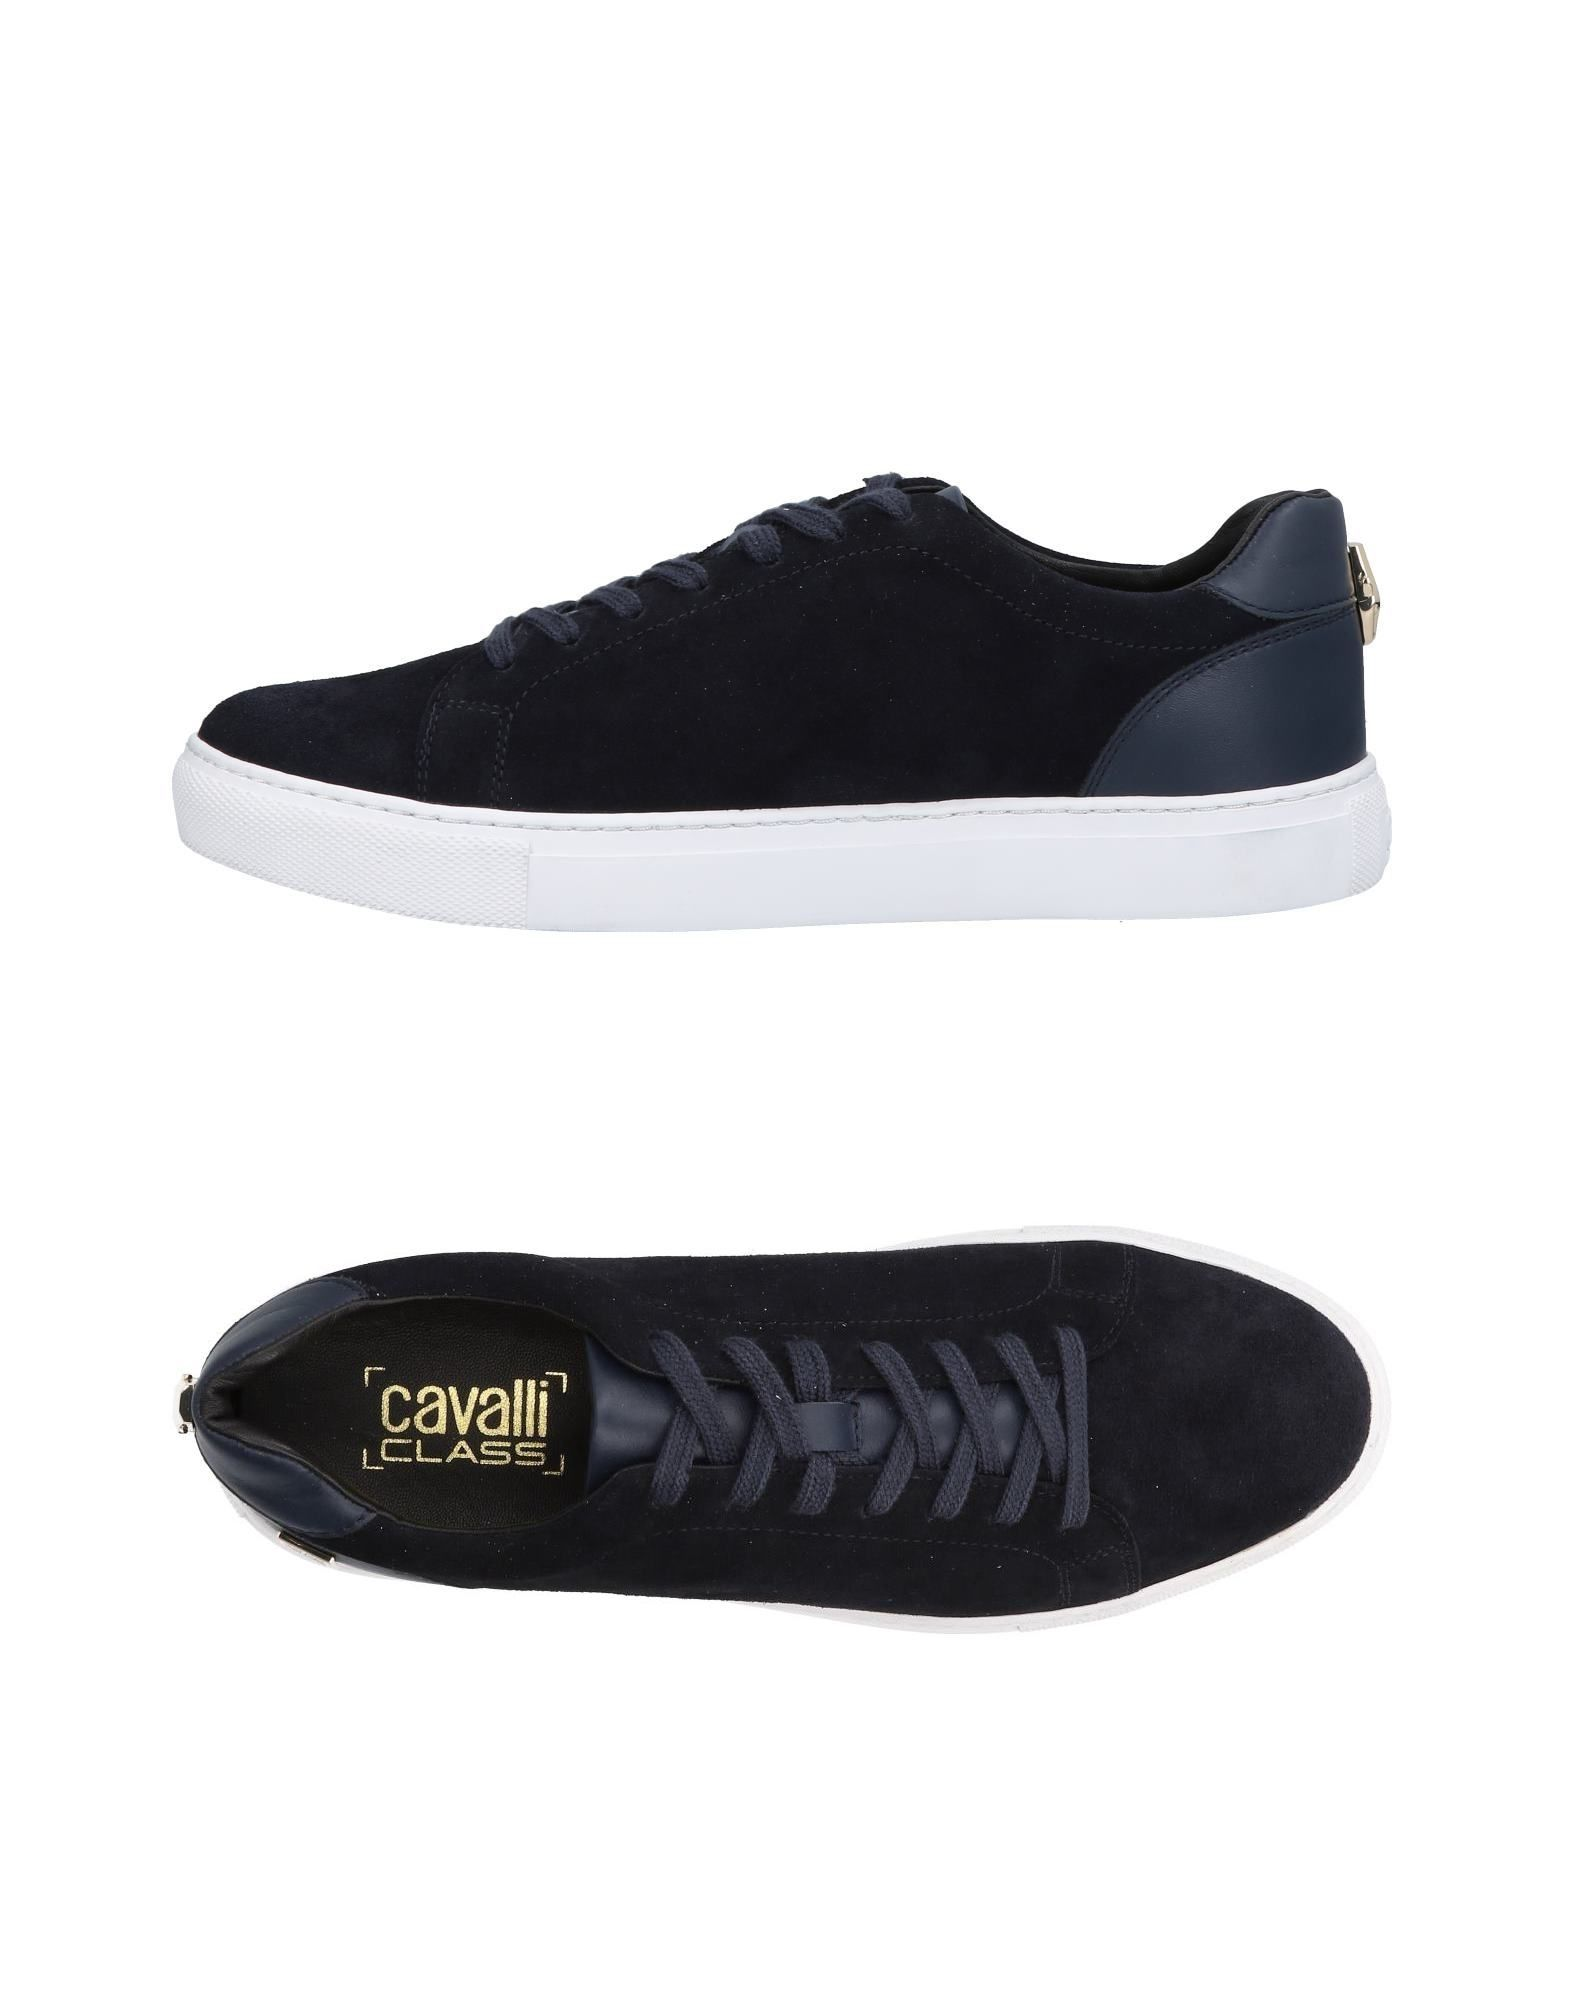 Class Roberto Cavalli Sneakers Herren  11451946NO Gute Qualität beliebte Schuhe